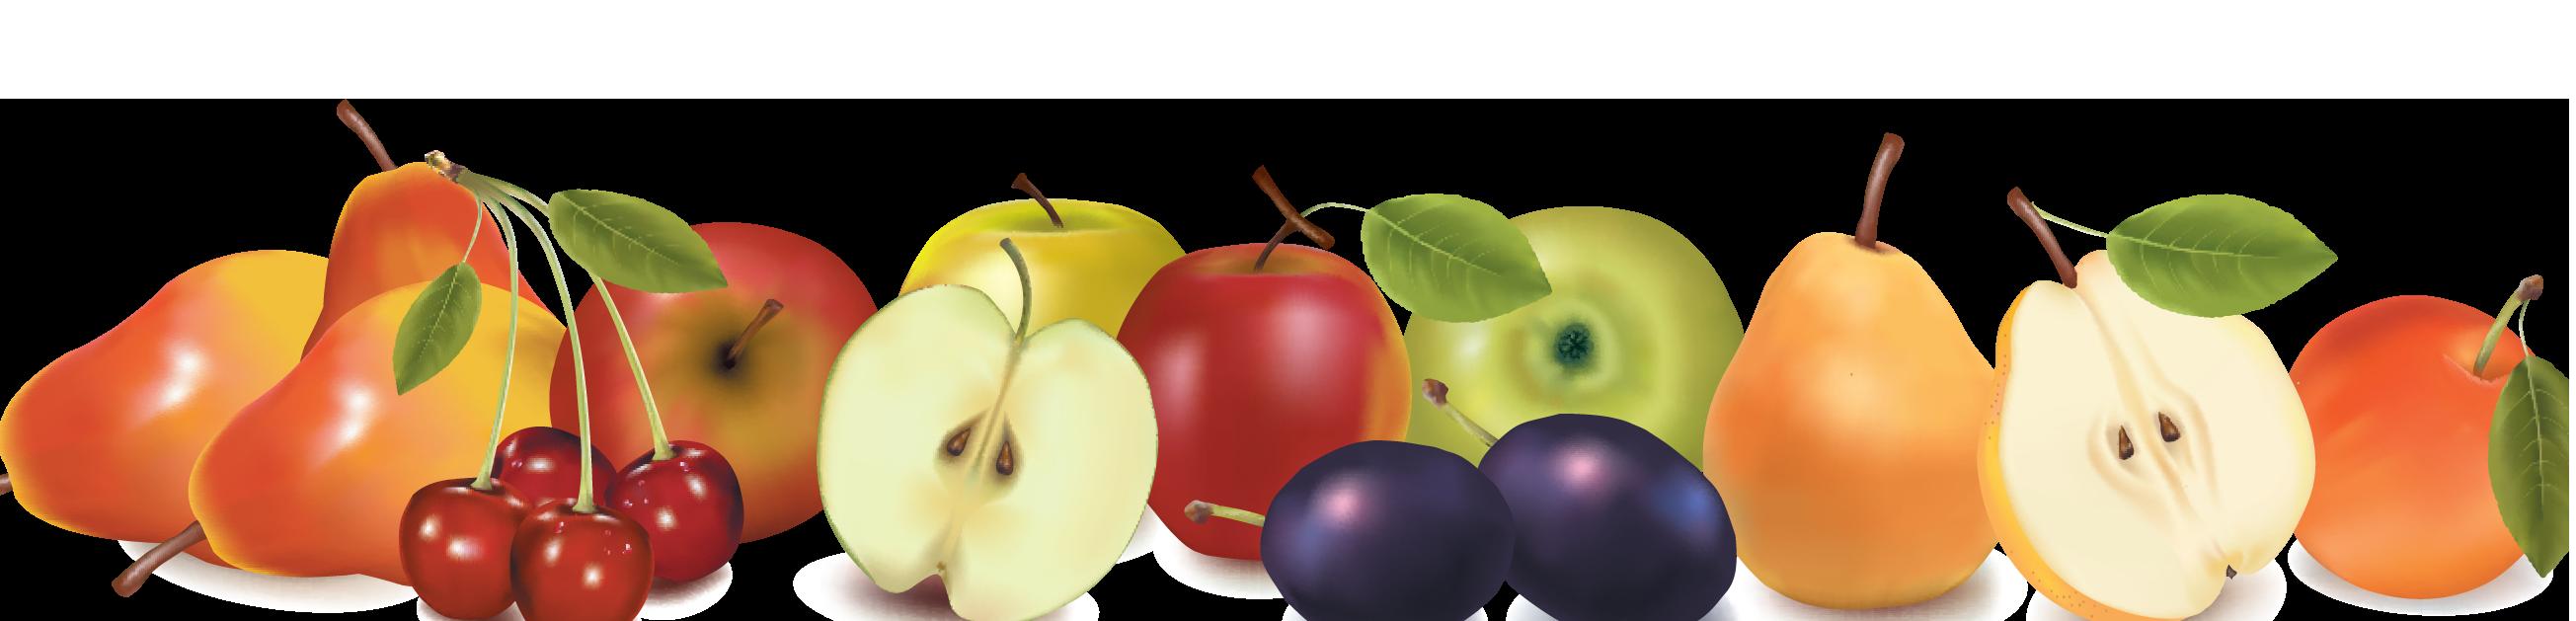 Fruits Clipart Border Design Fruits Border Design Transparent Free For Download On Webstockreview 2021